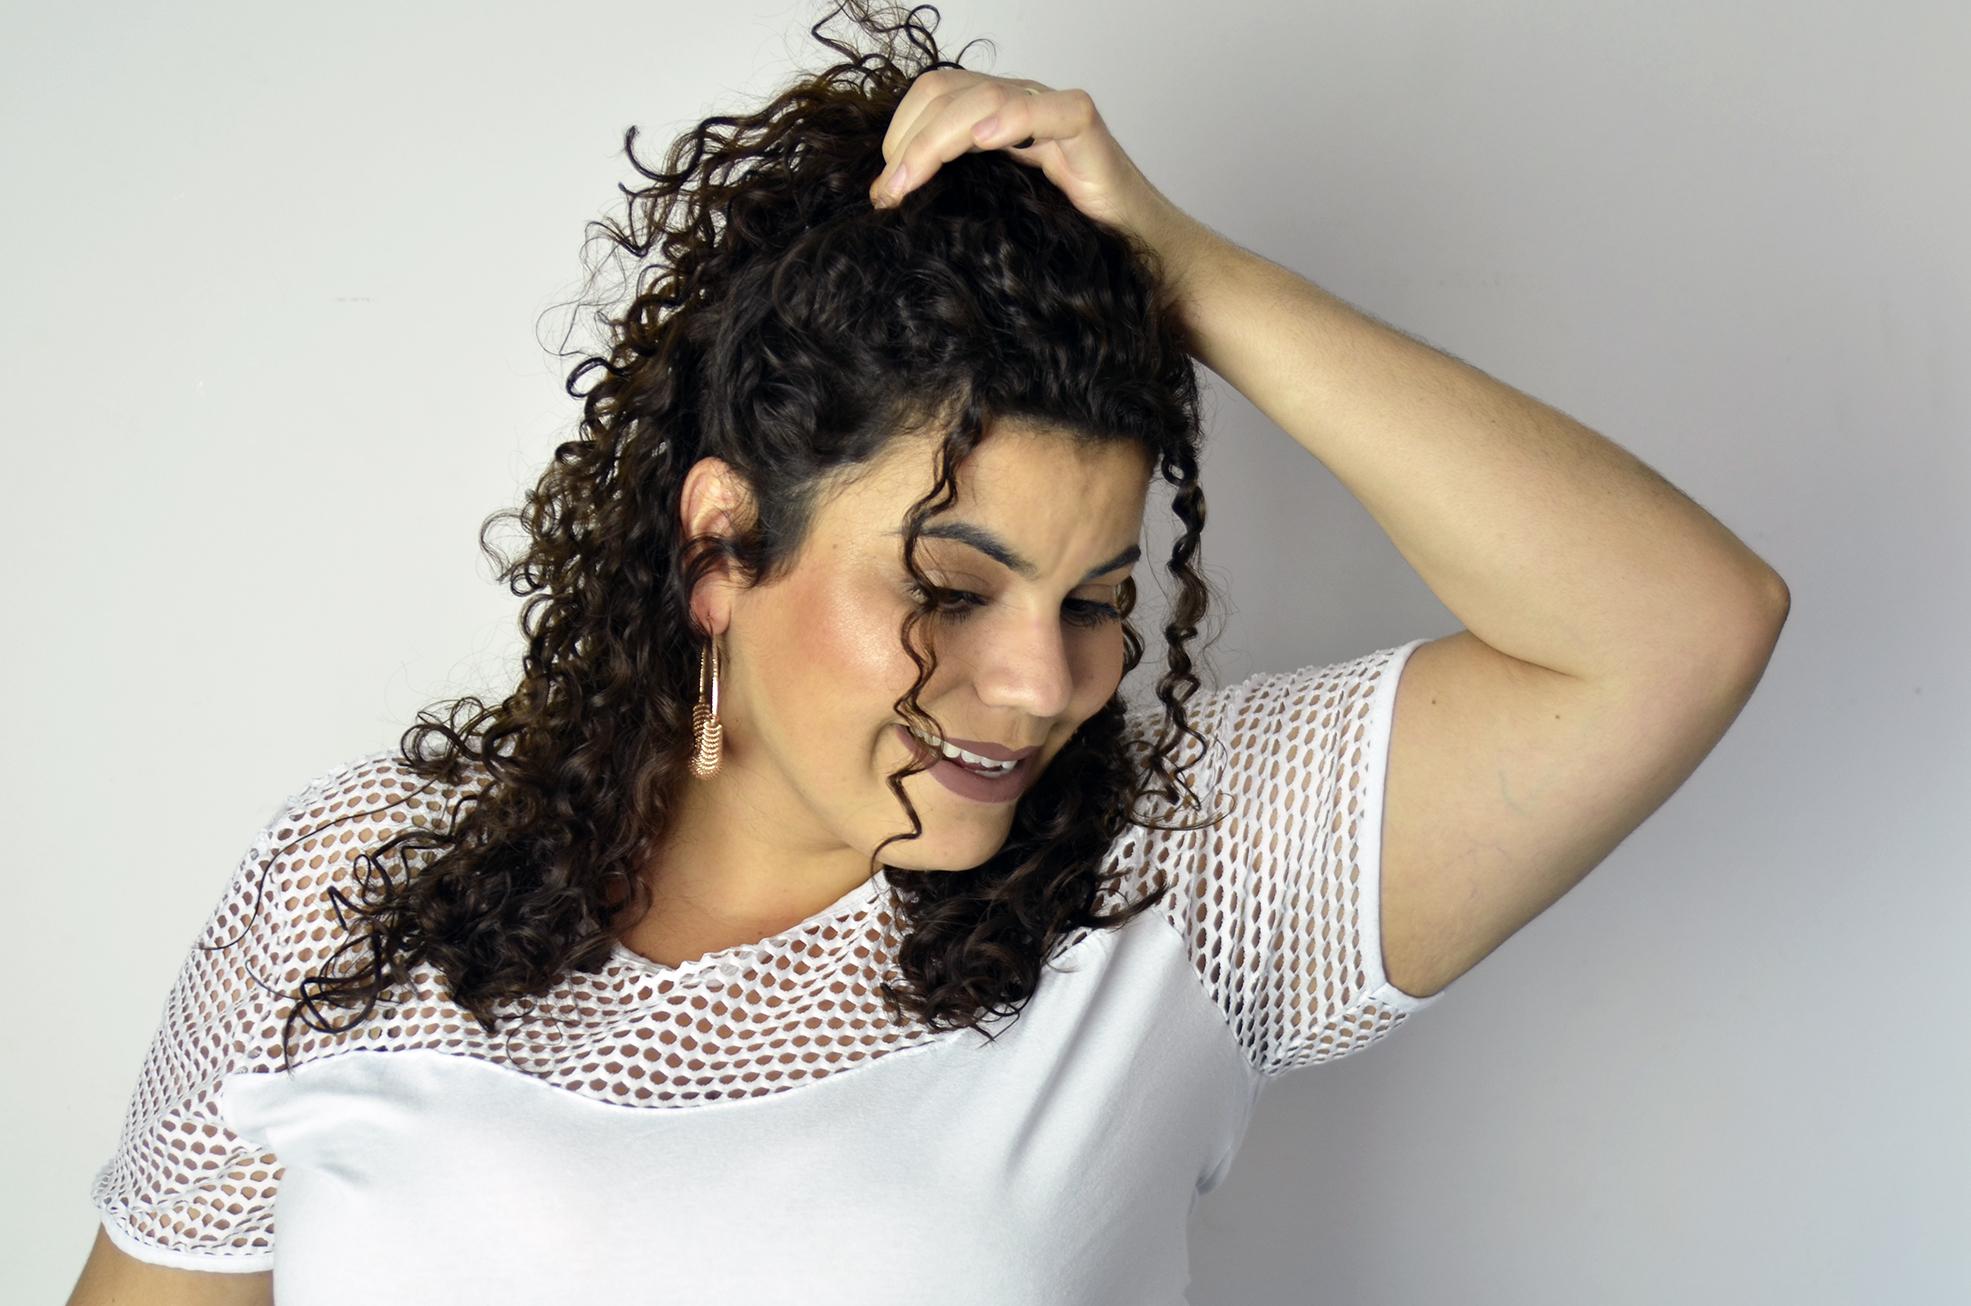 Foto03 CamilaCura - Penteado Half bun: conheça o passo a passo